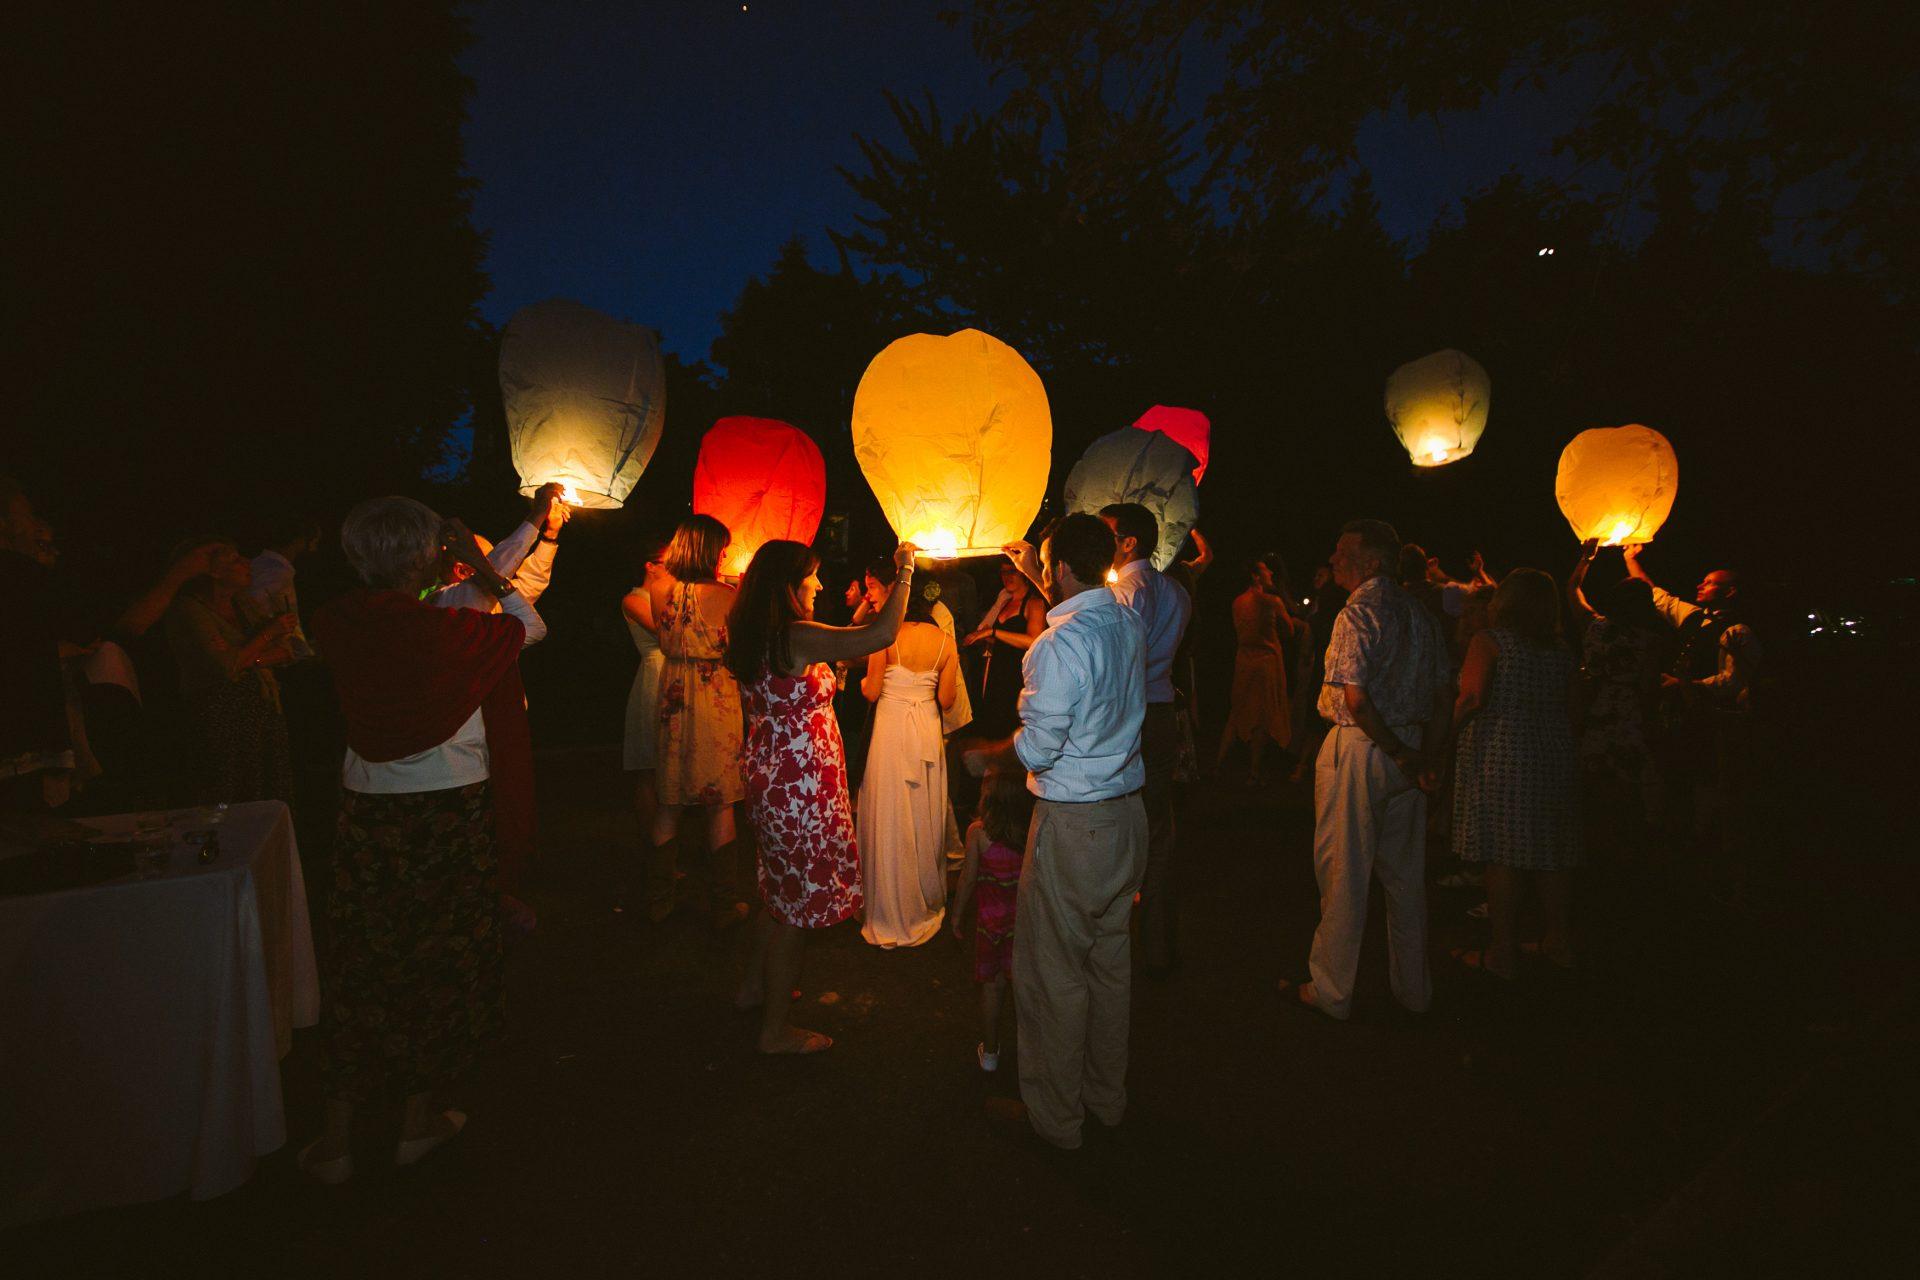 Fiesta boda jardín verano con globos arroz